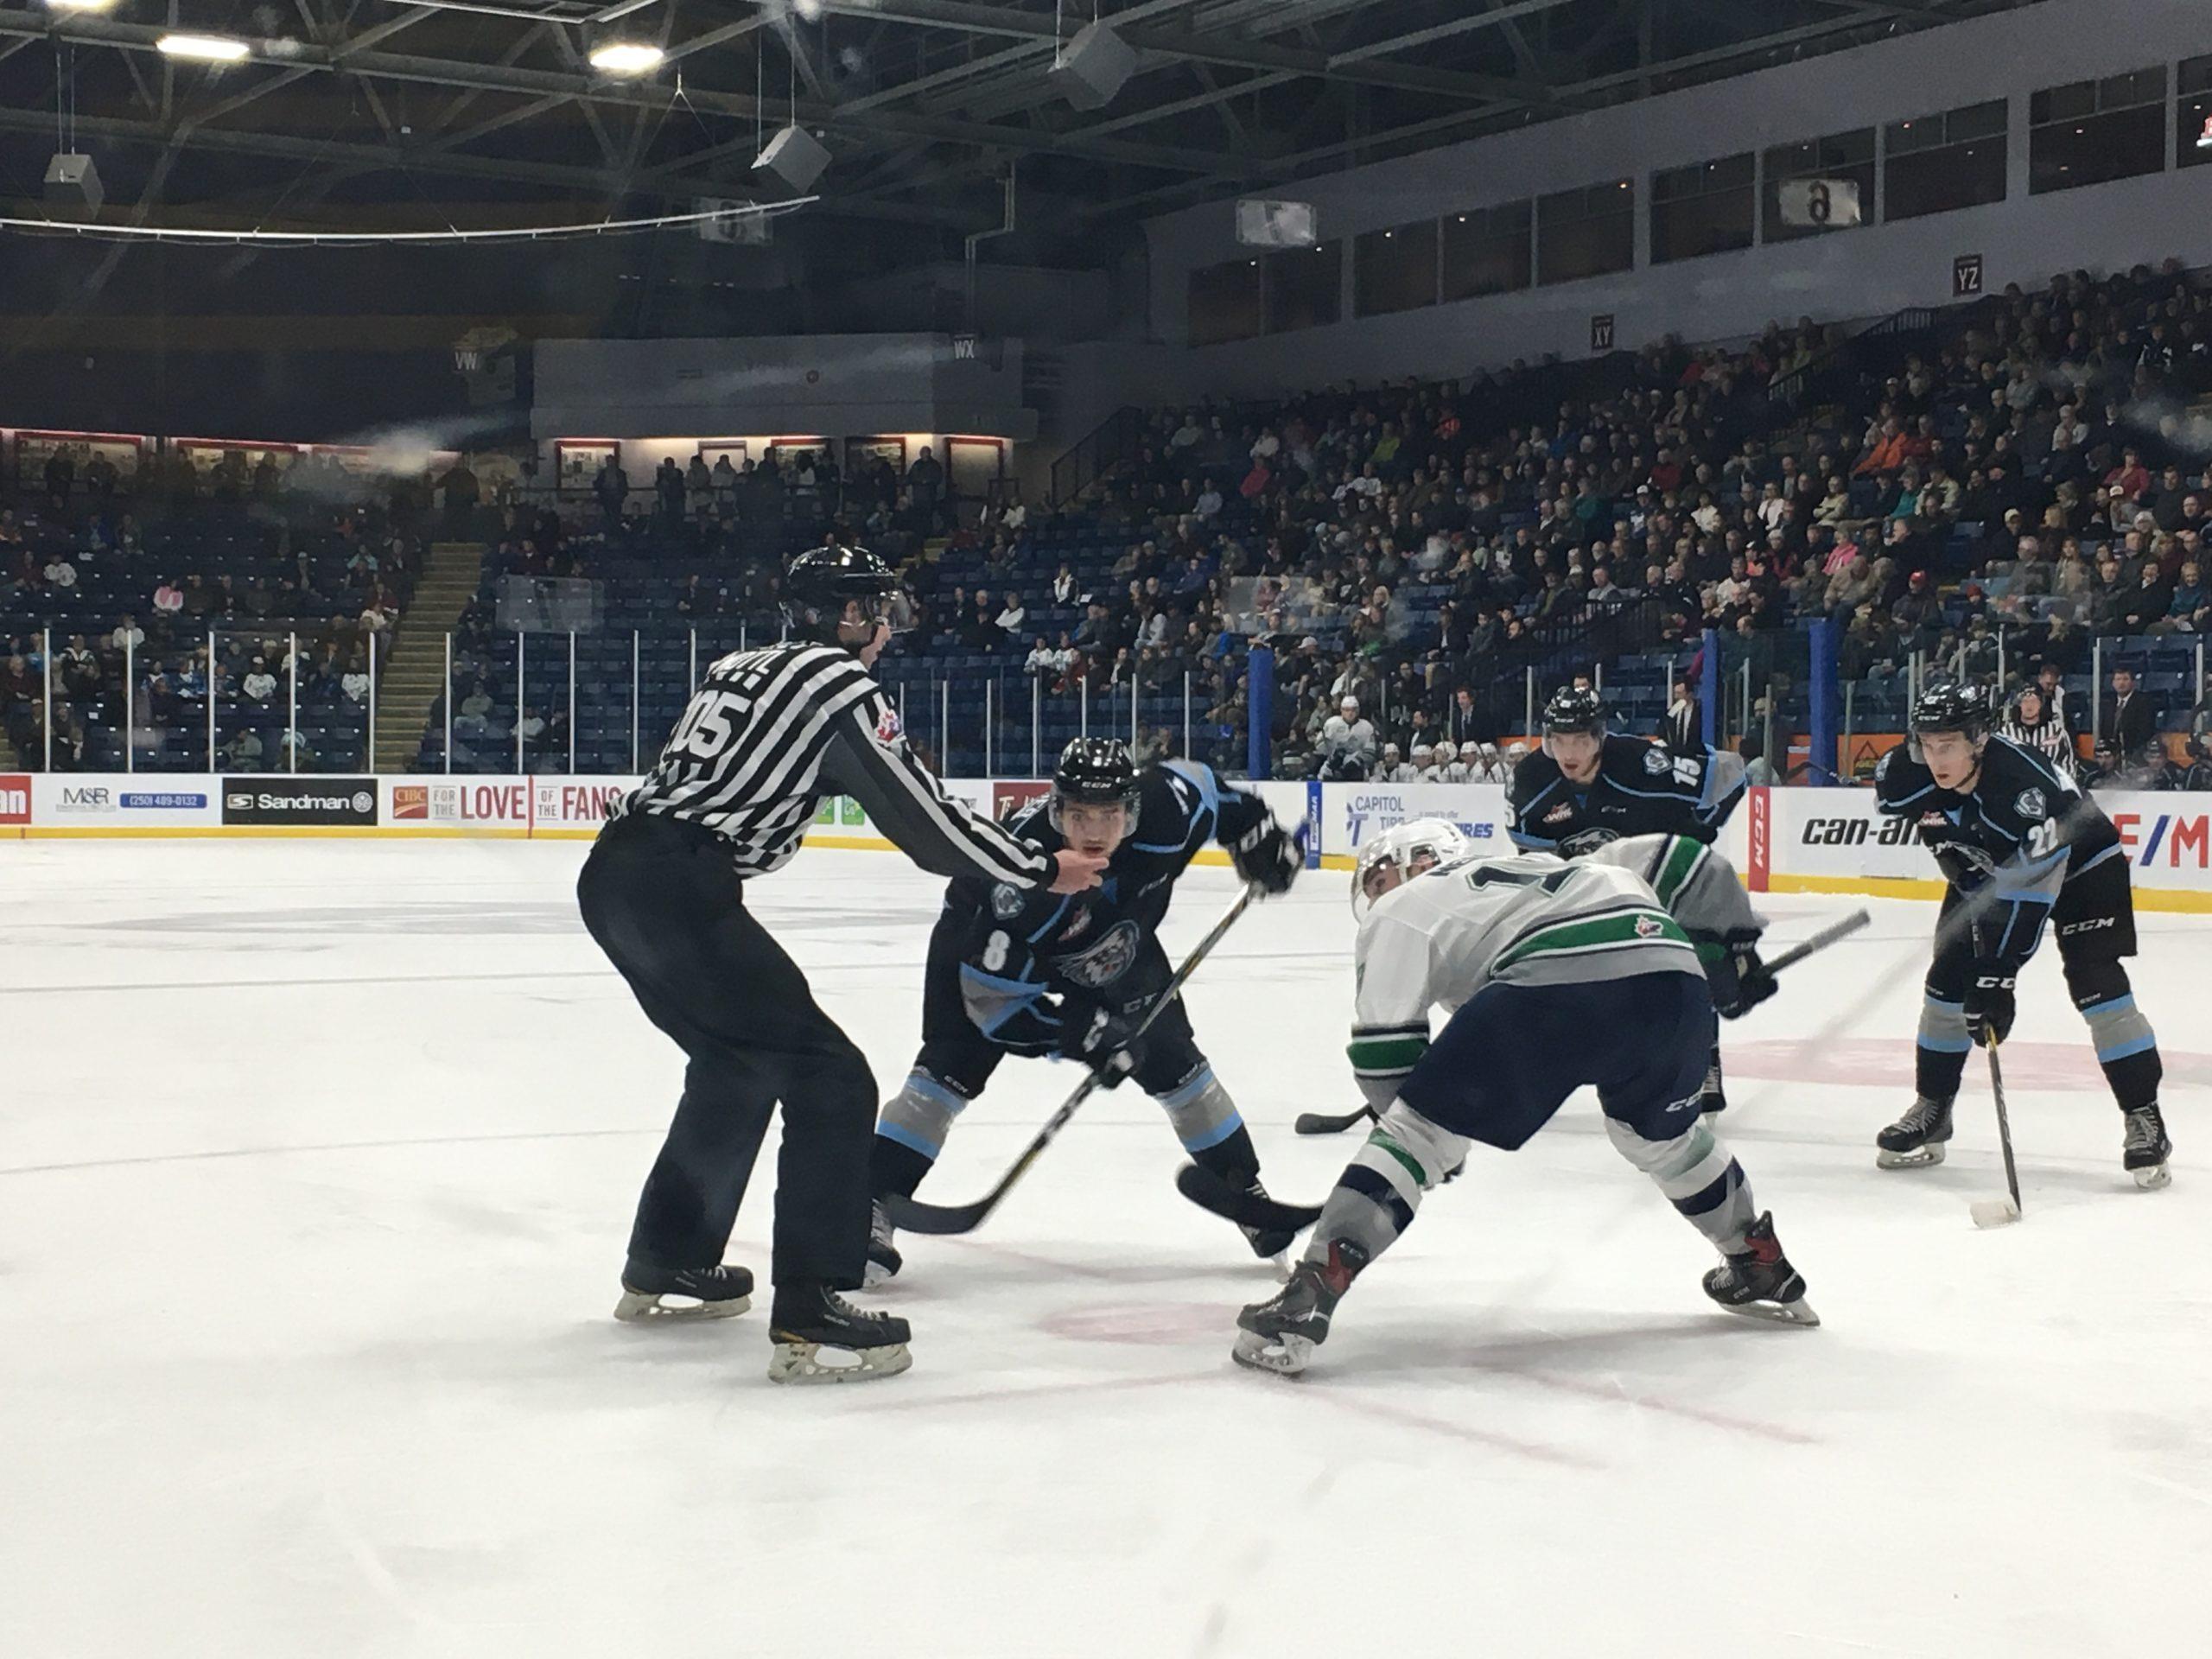 WHL: ICE thrash Thunderbirds 4-2